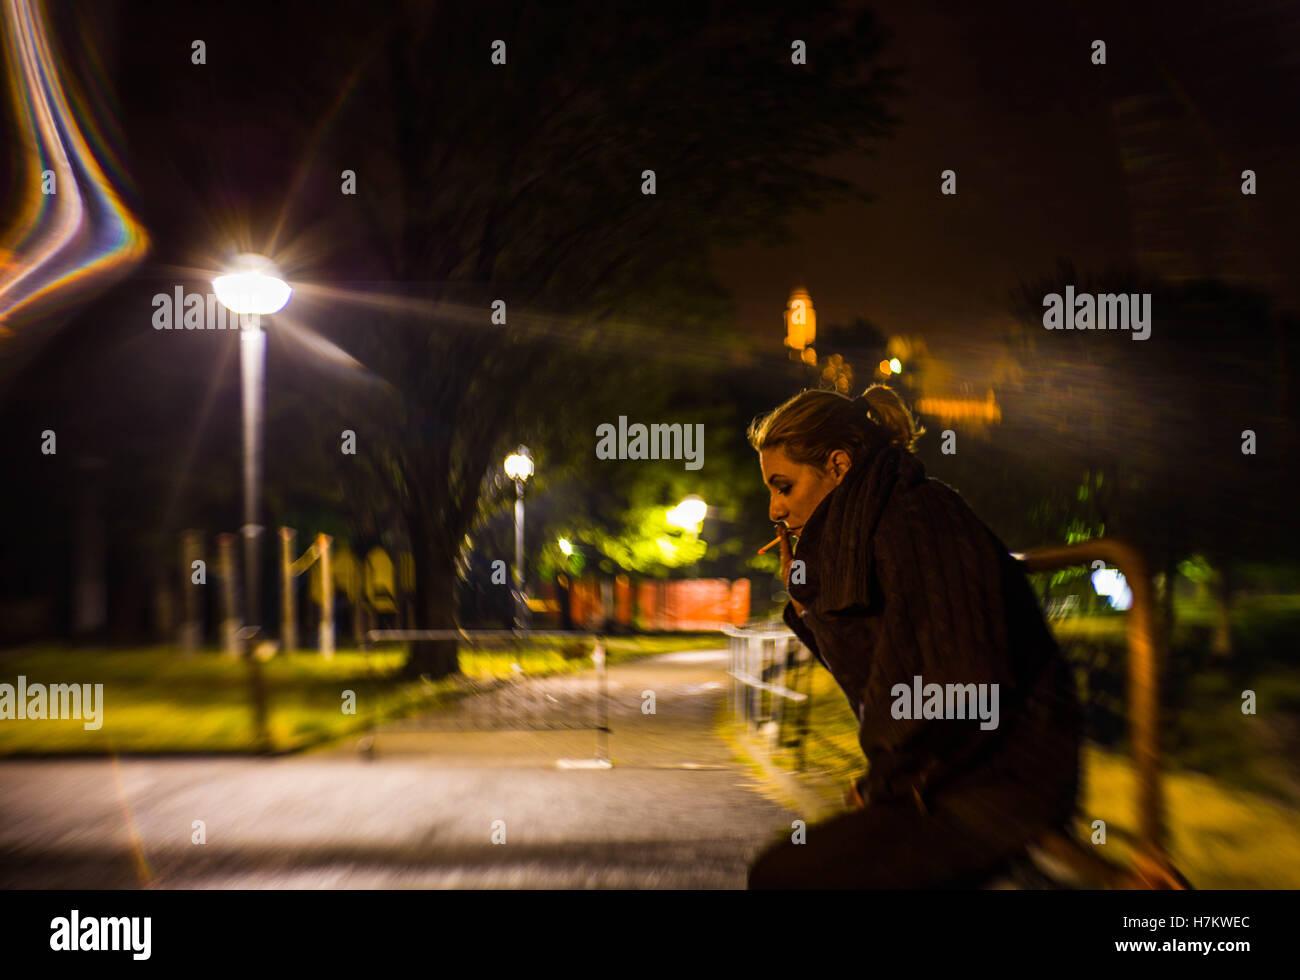 Smokin' in the night - Stock Image